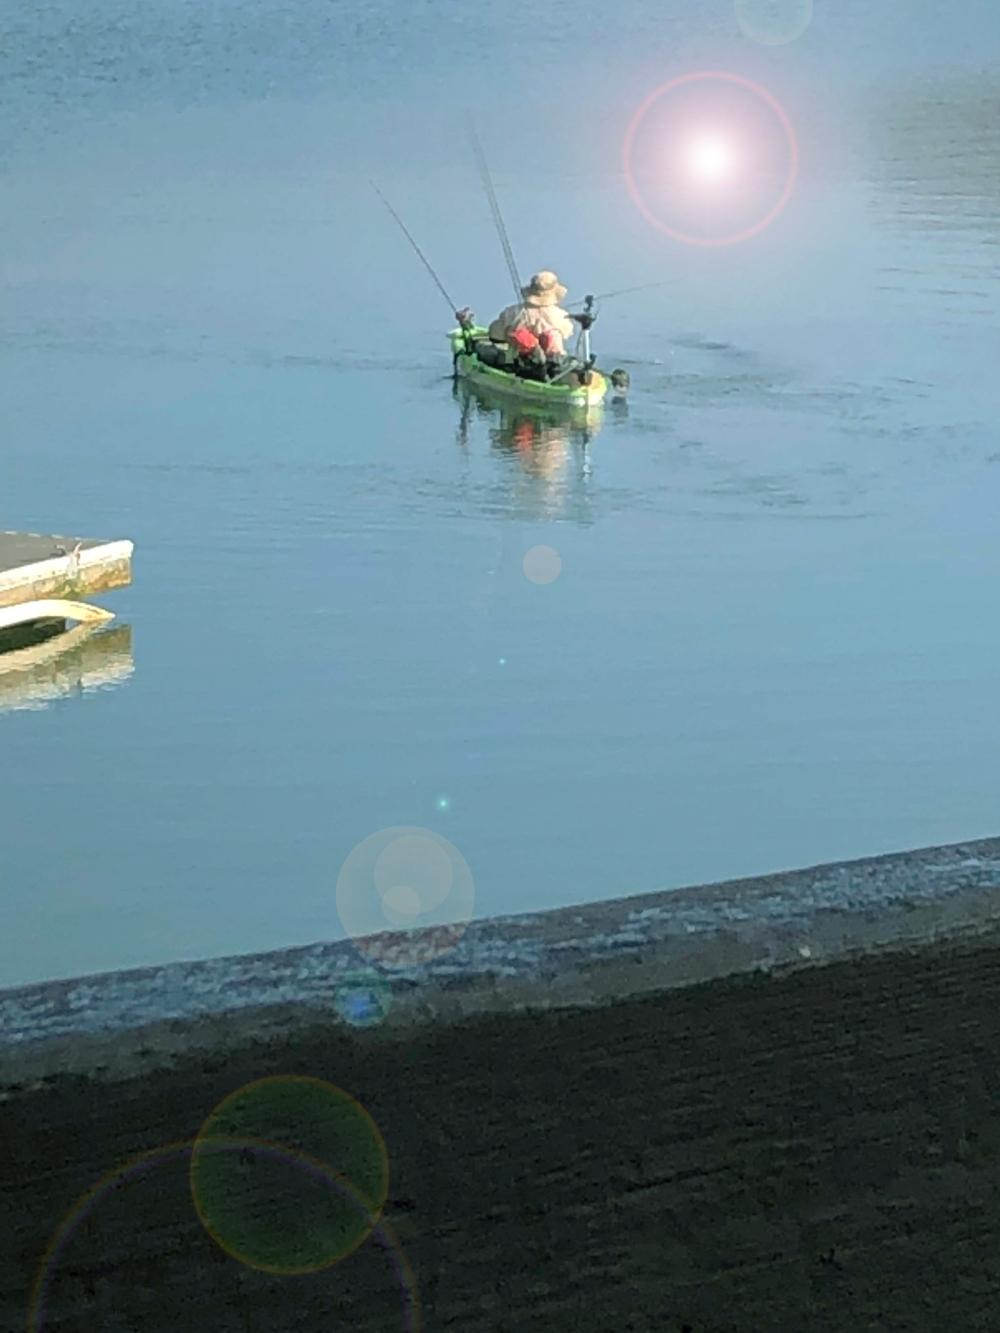 Lake.Fisherman